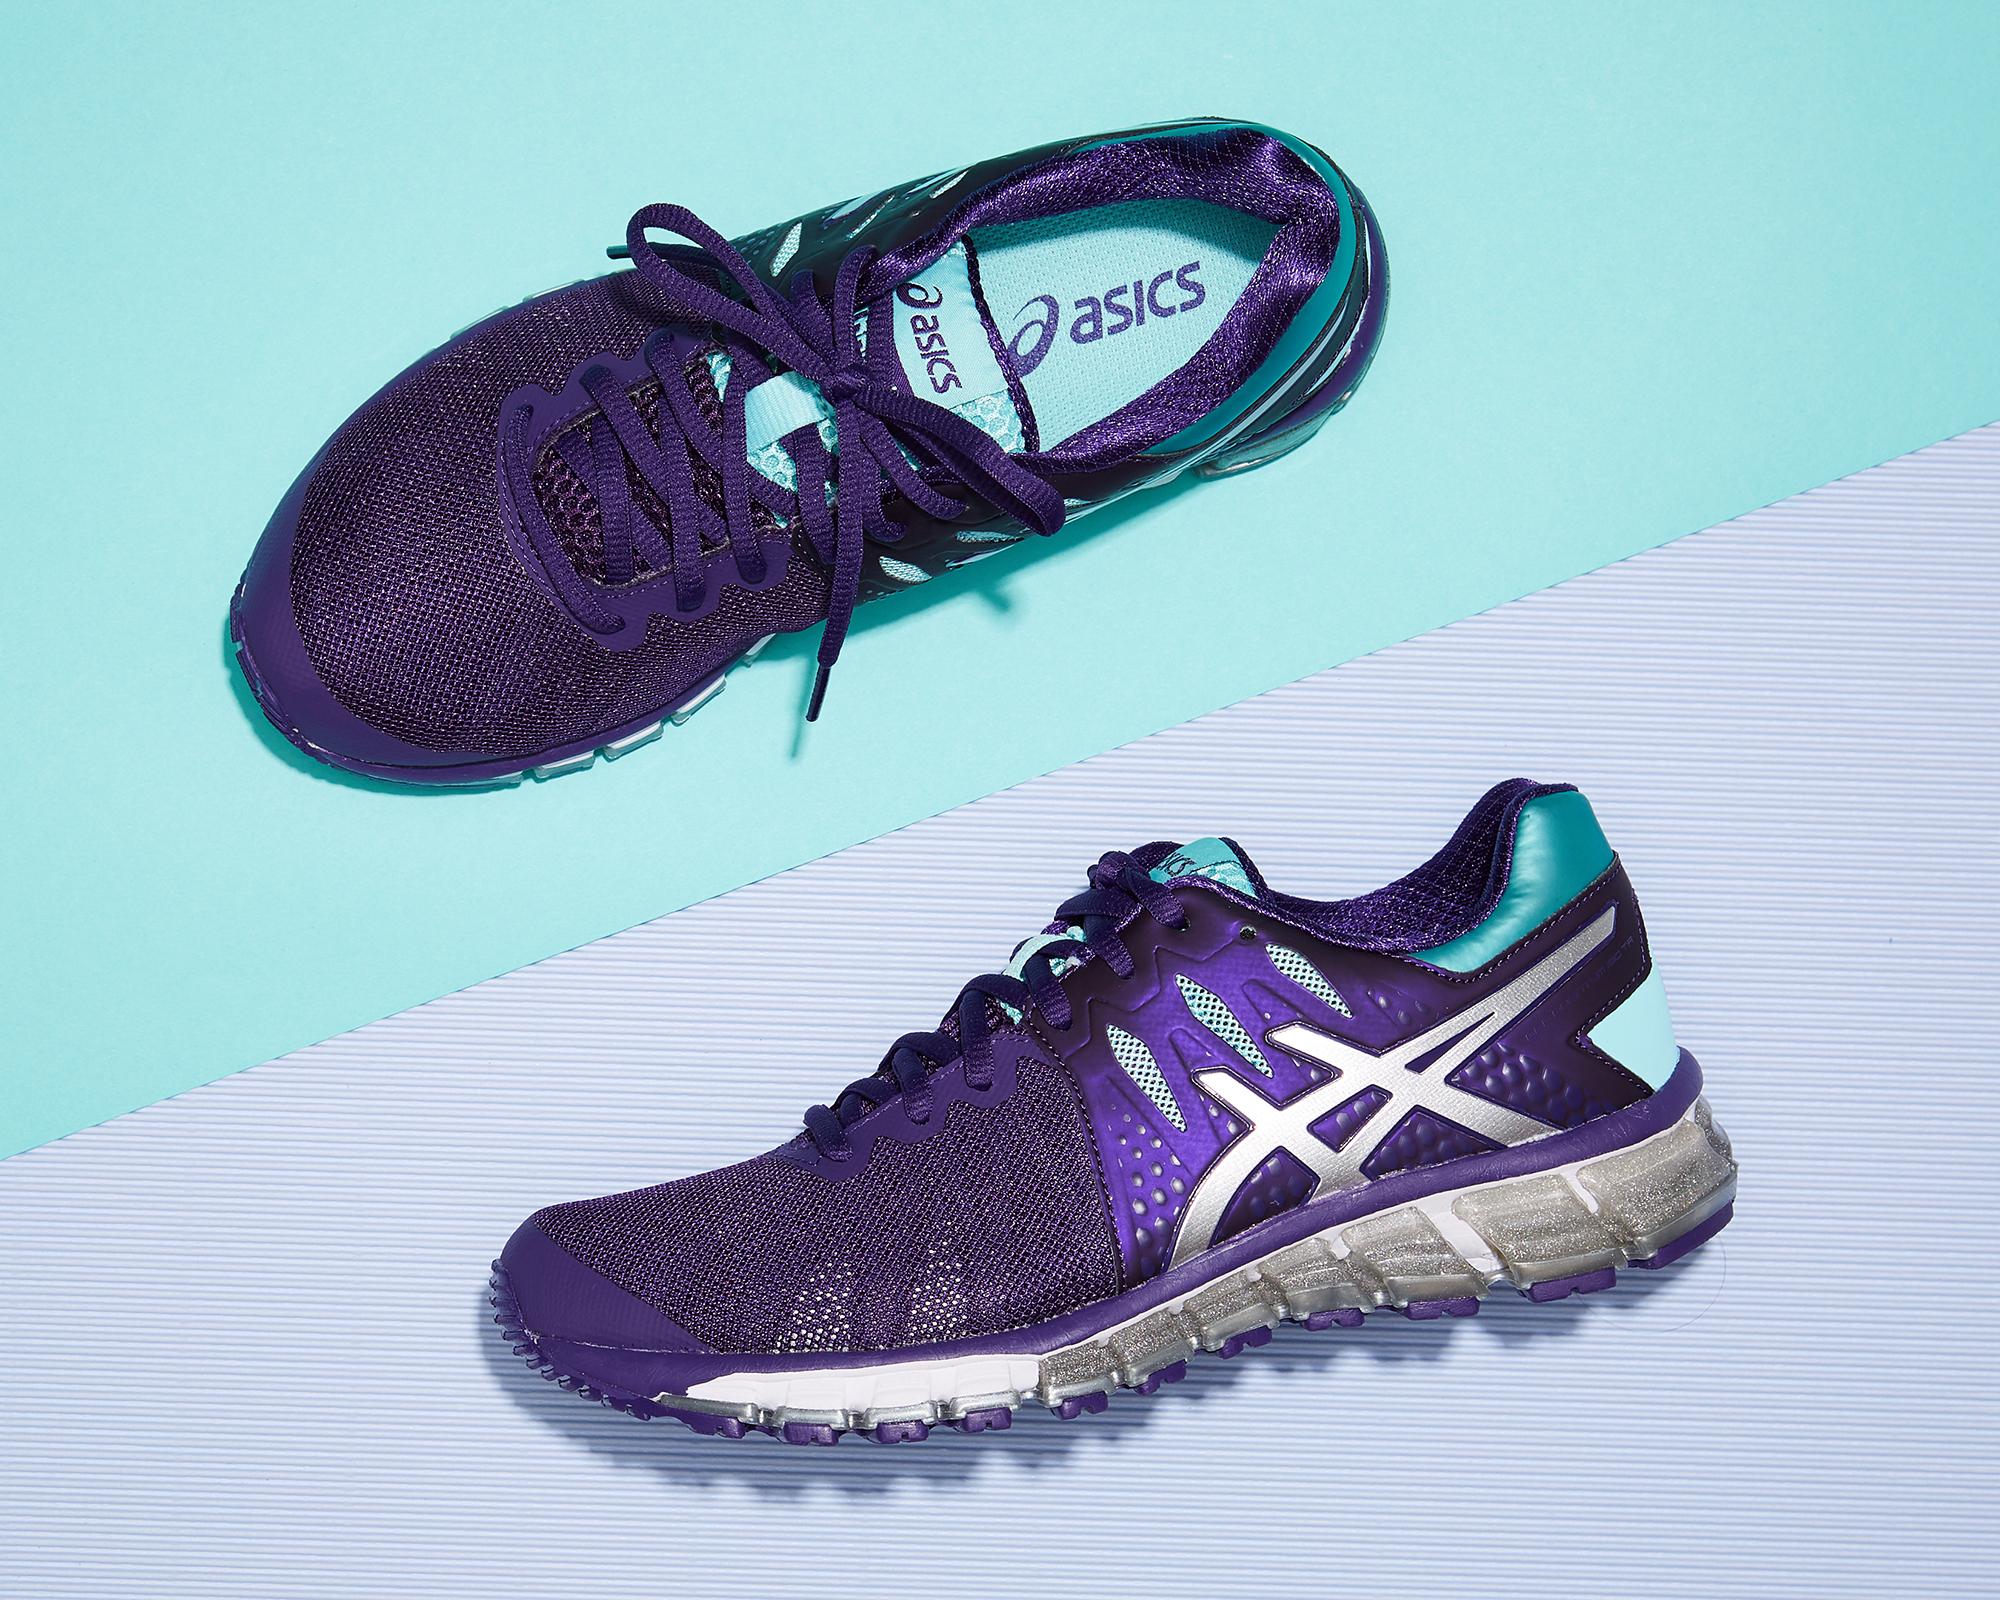 tom-medvedich-footwear-asics-05.jpg